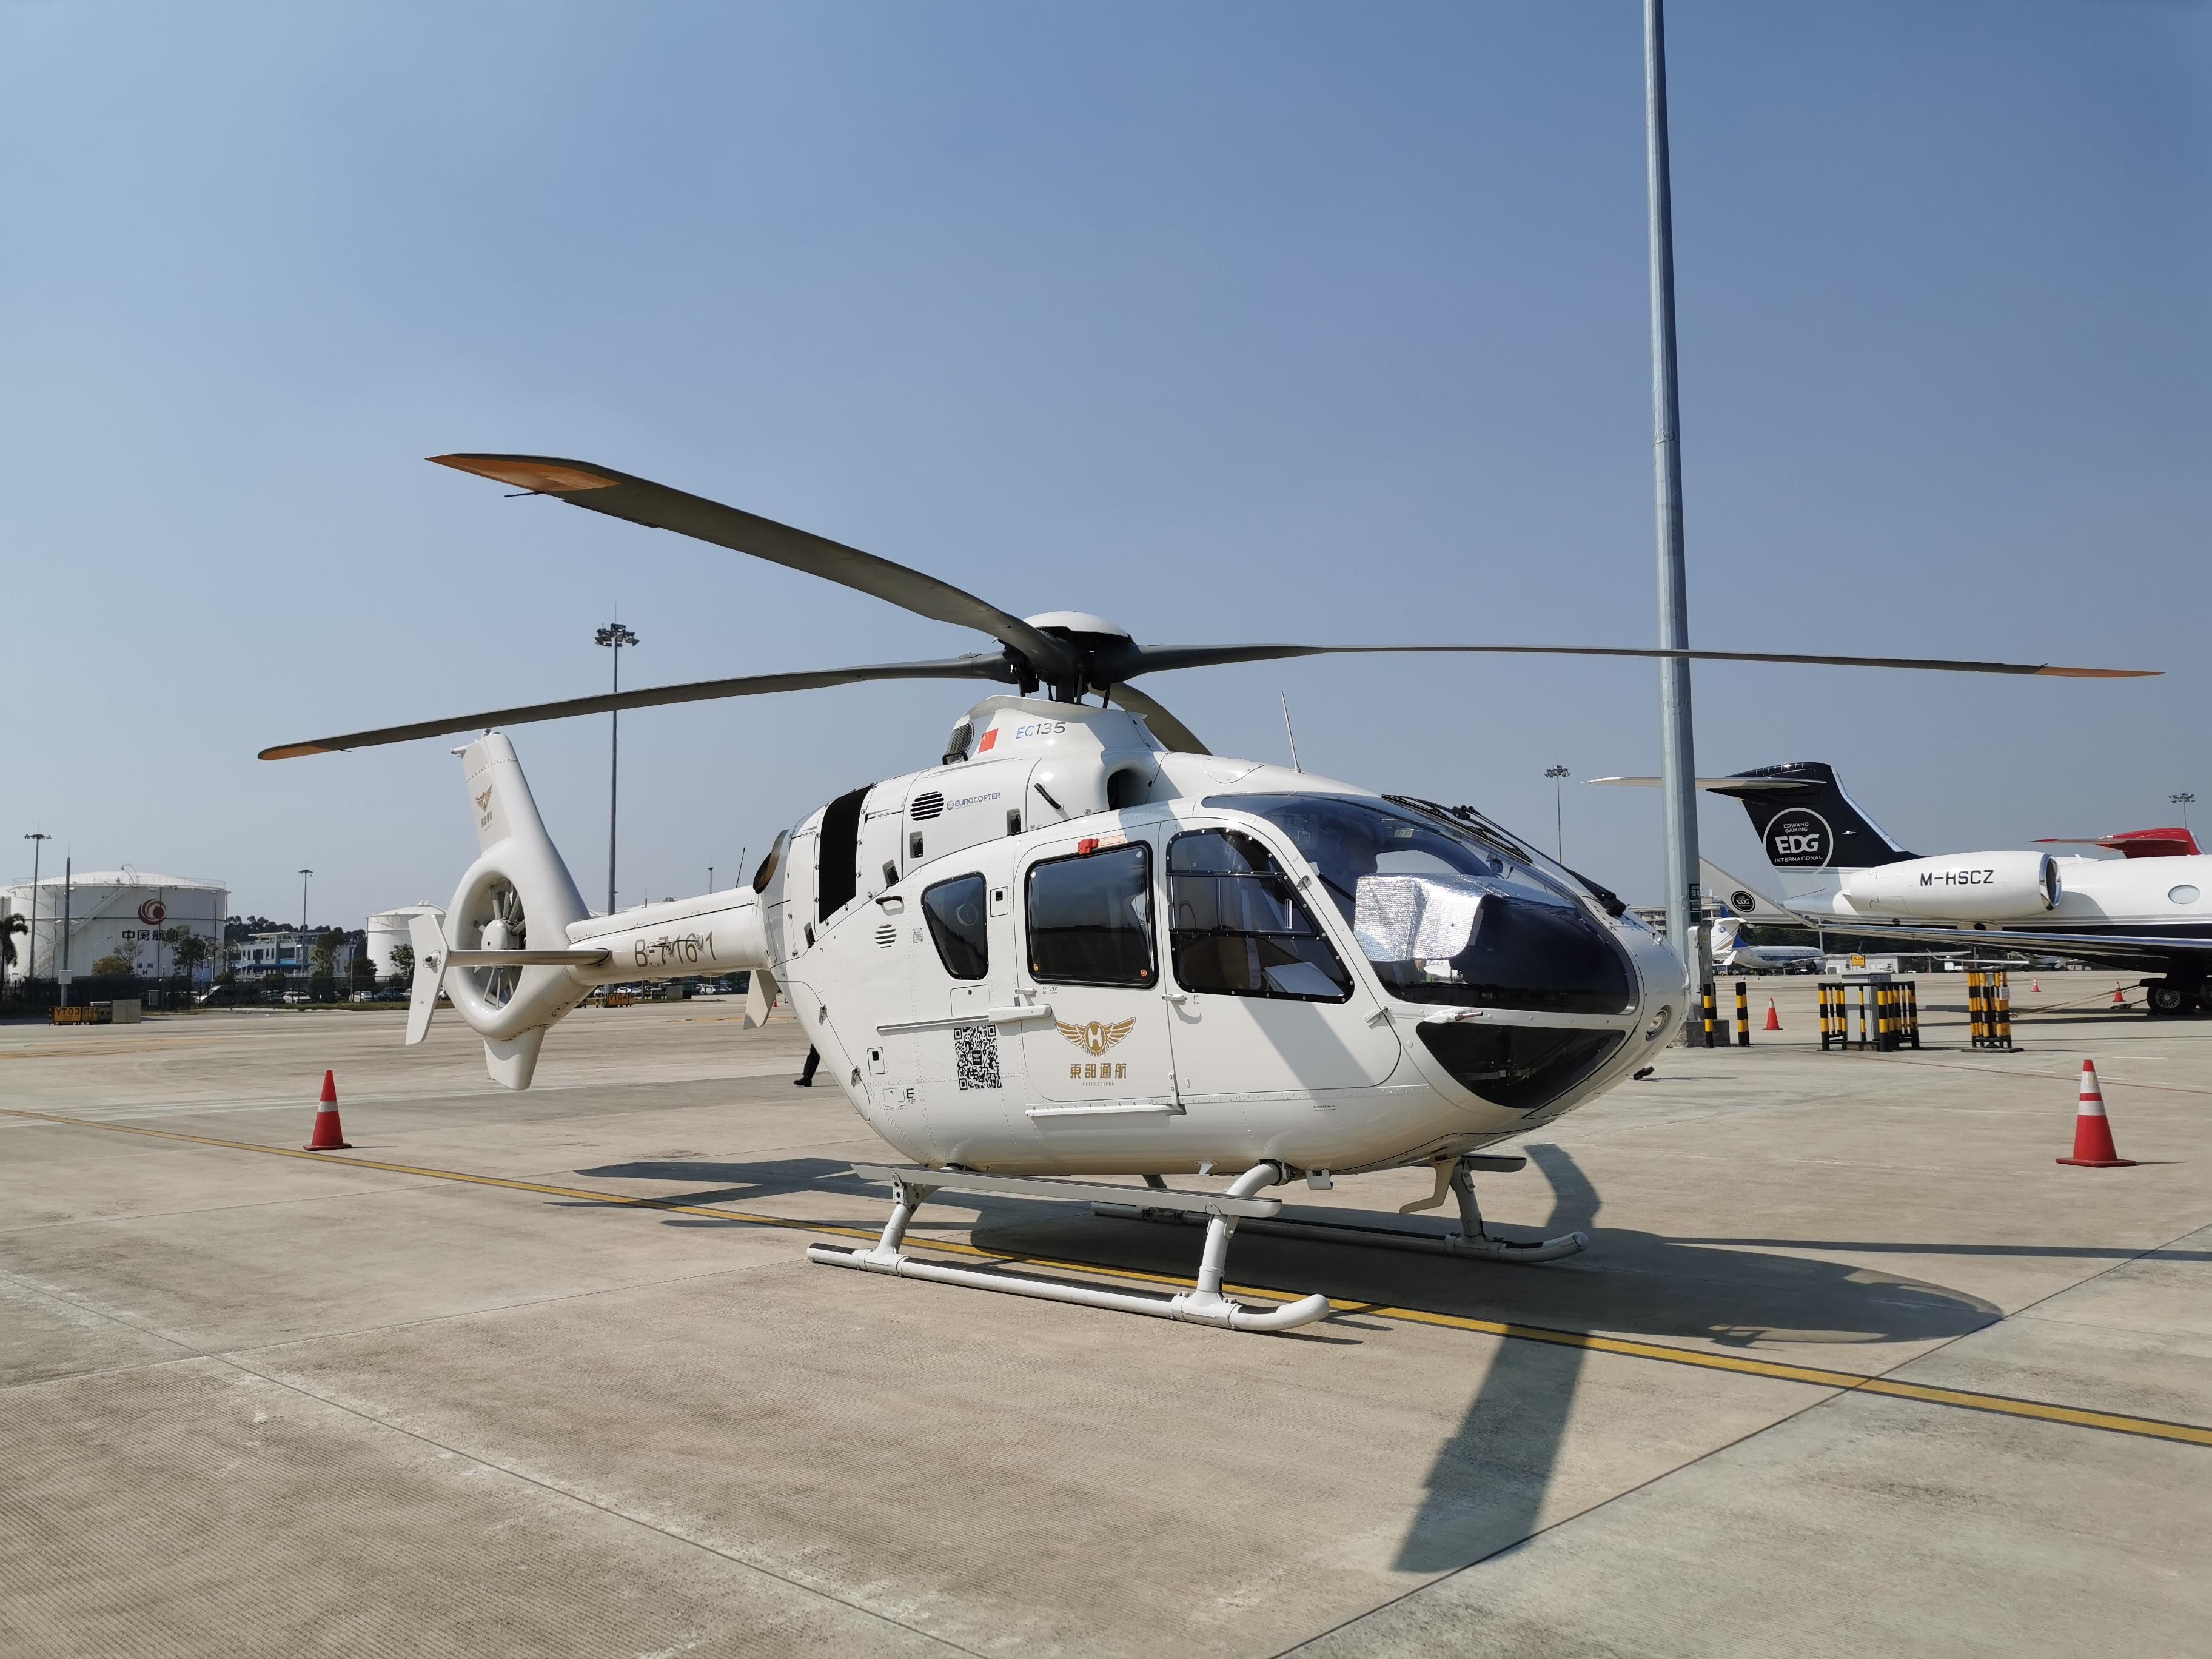 広州―香港間のヘリ越境サービス開始、陸路3時間から50分に短縮